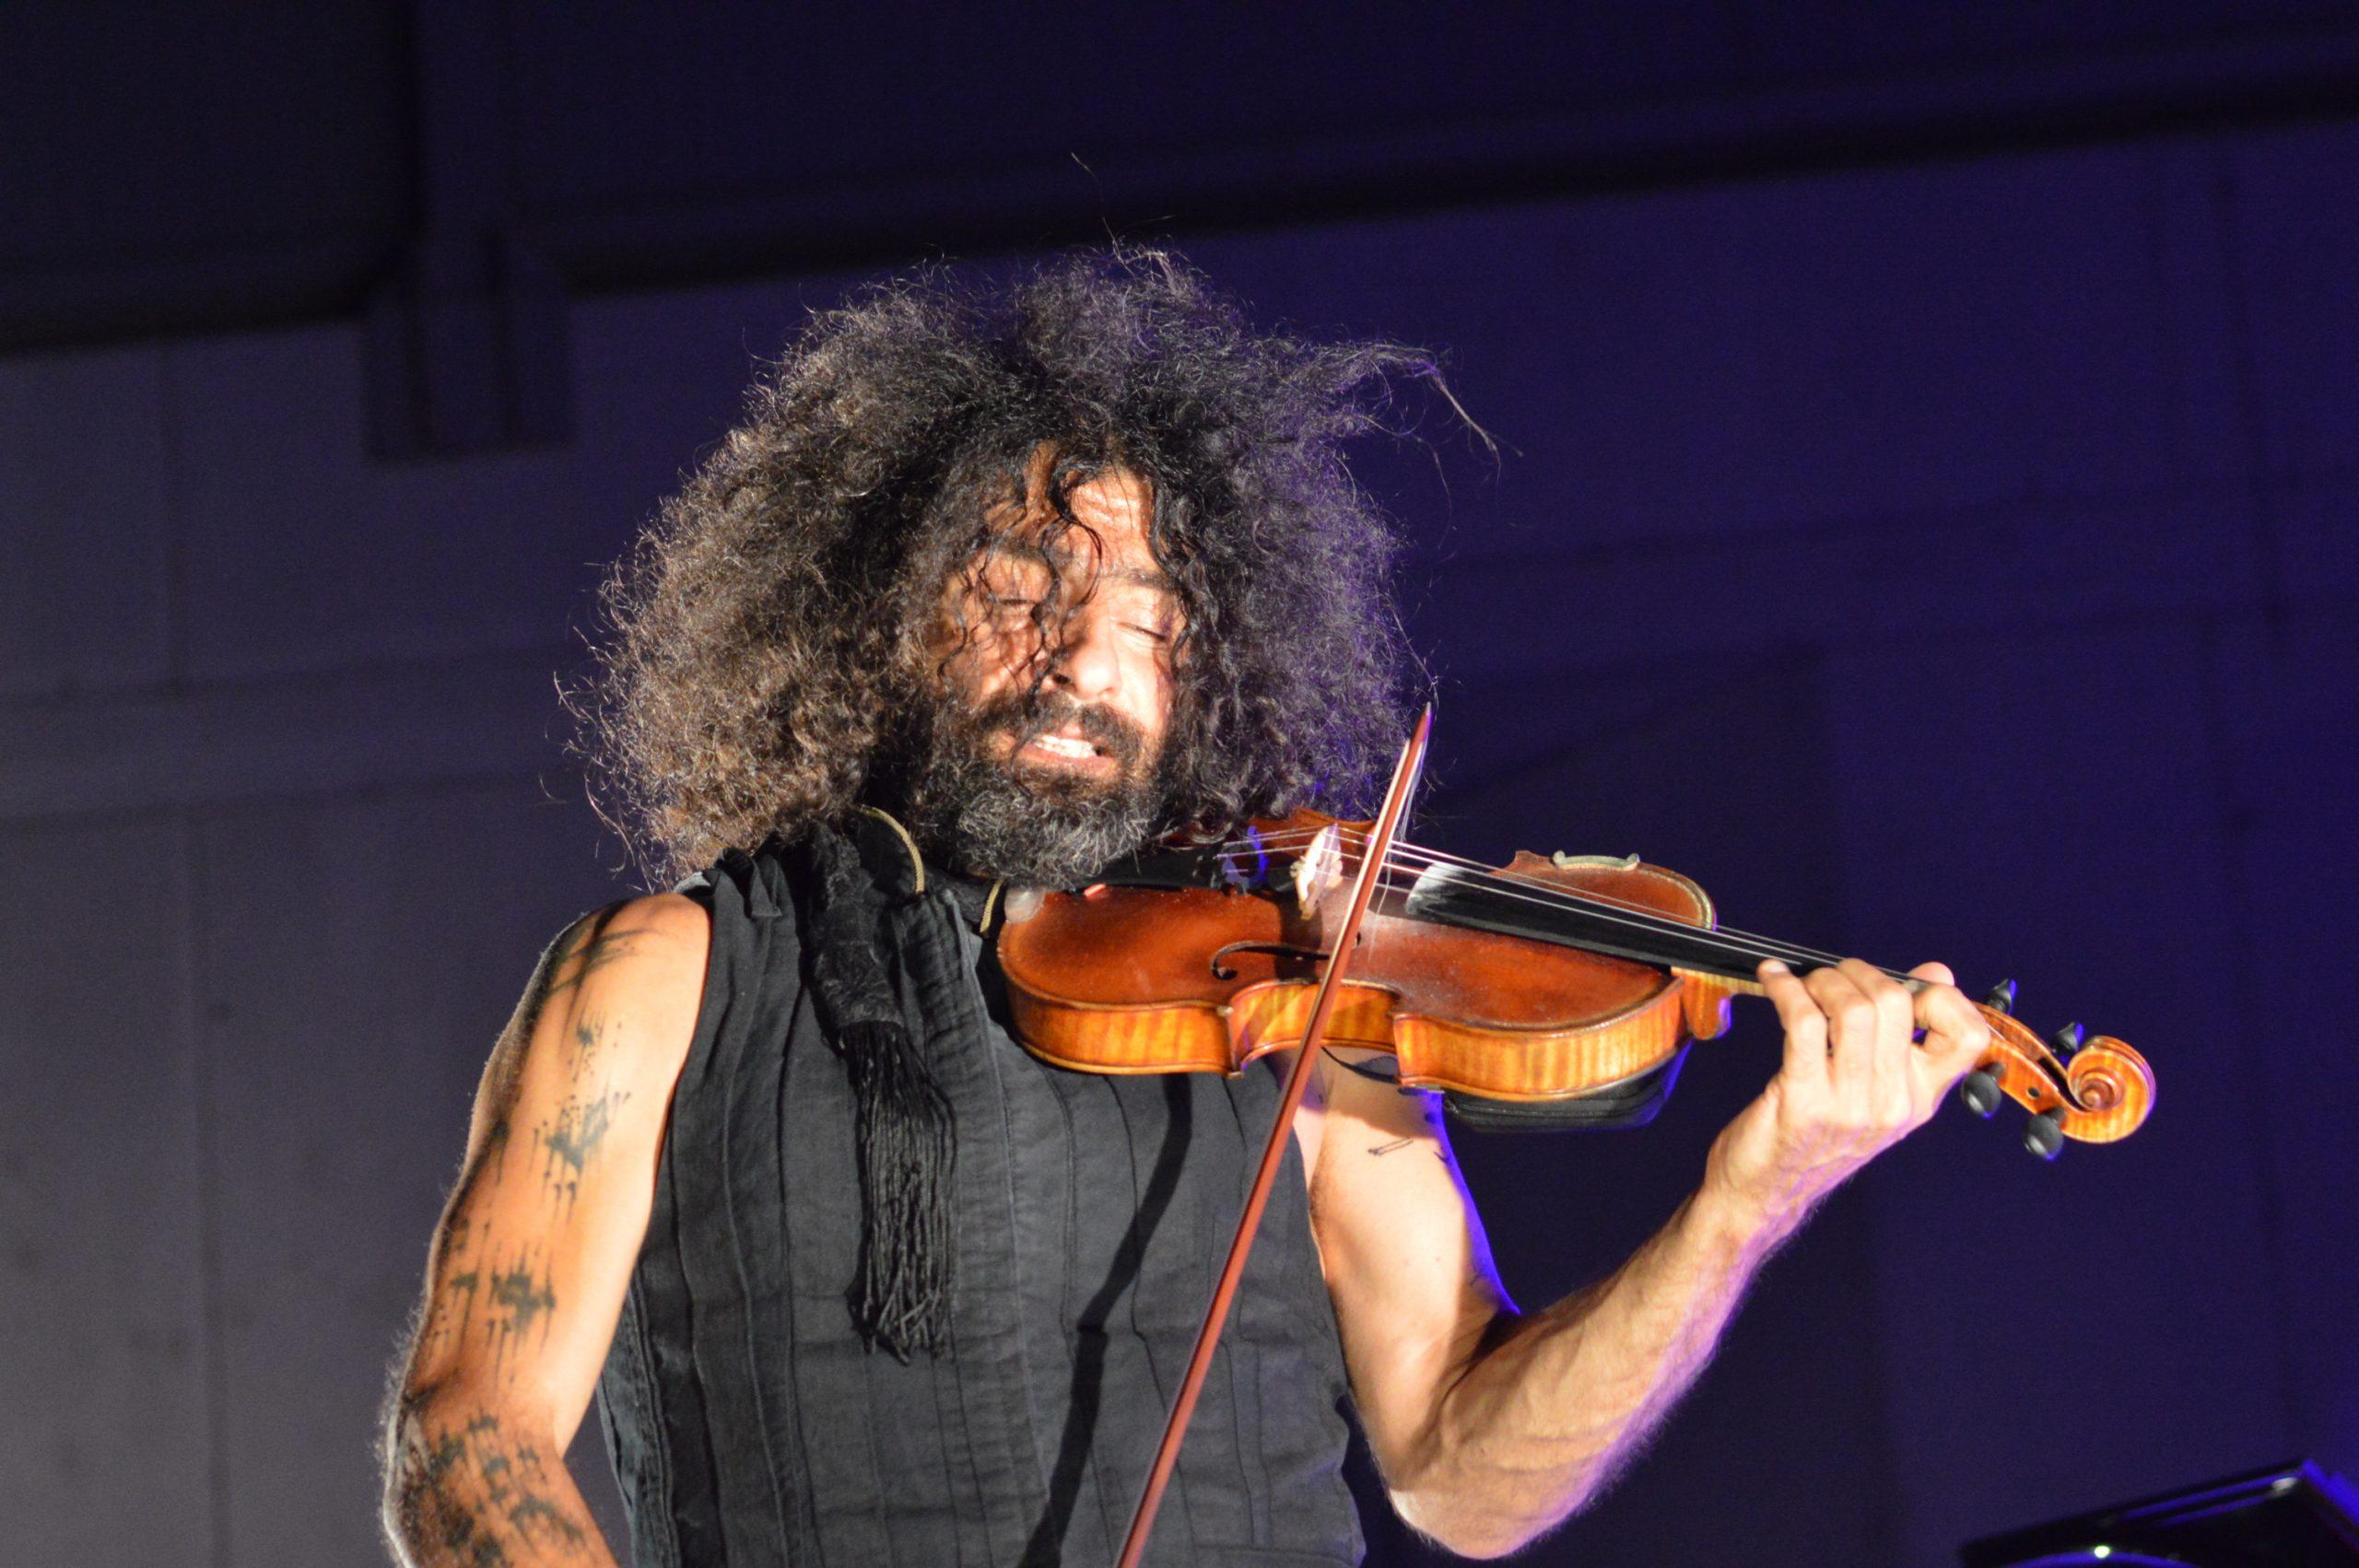 Ara Malikian emociona en su regreso a Ponferrada demostrando una vez más su virtuosismo con el violín 34